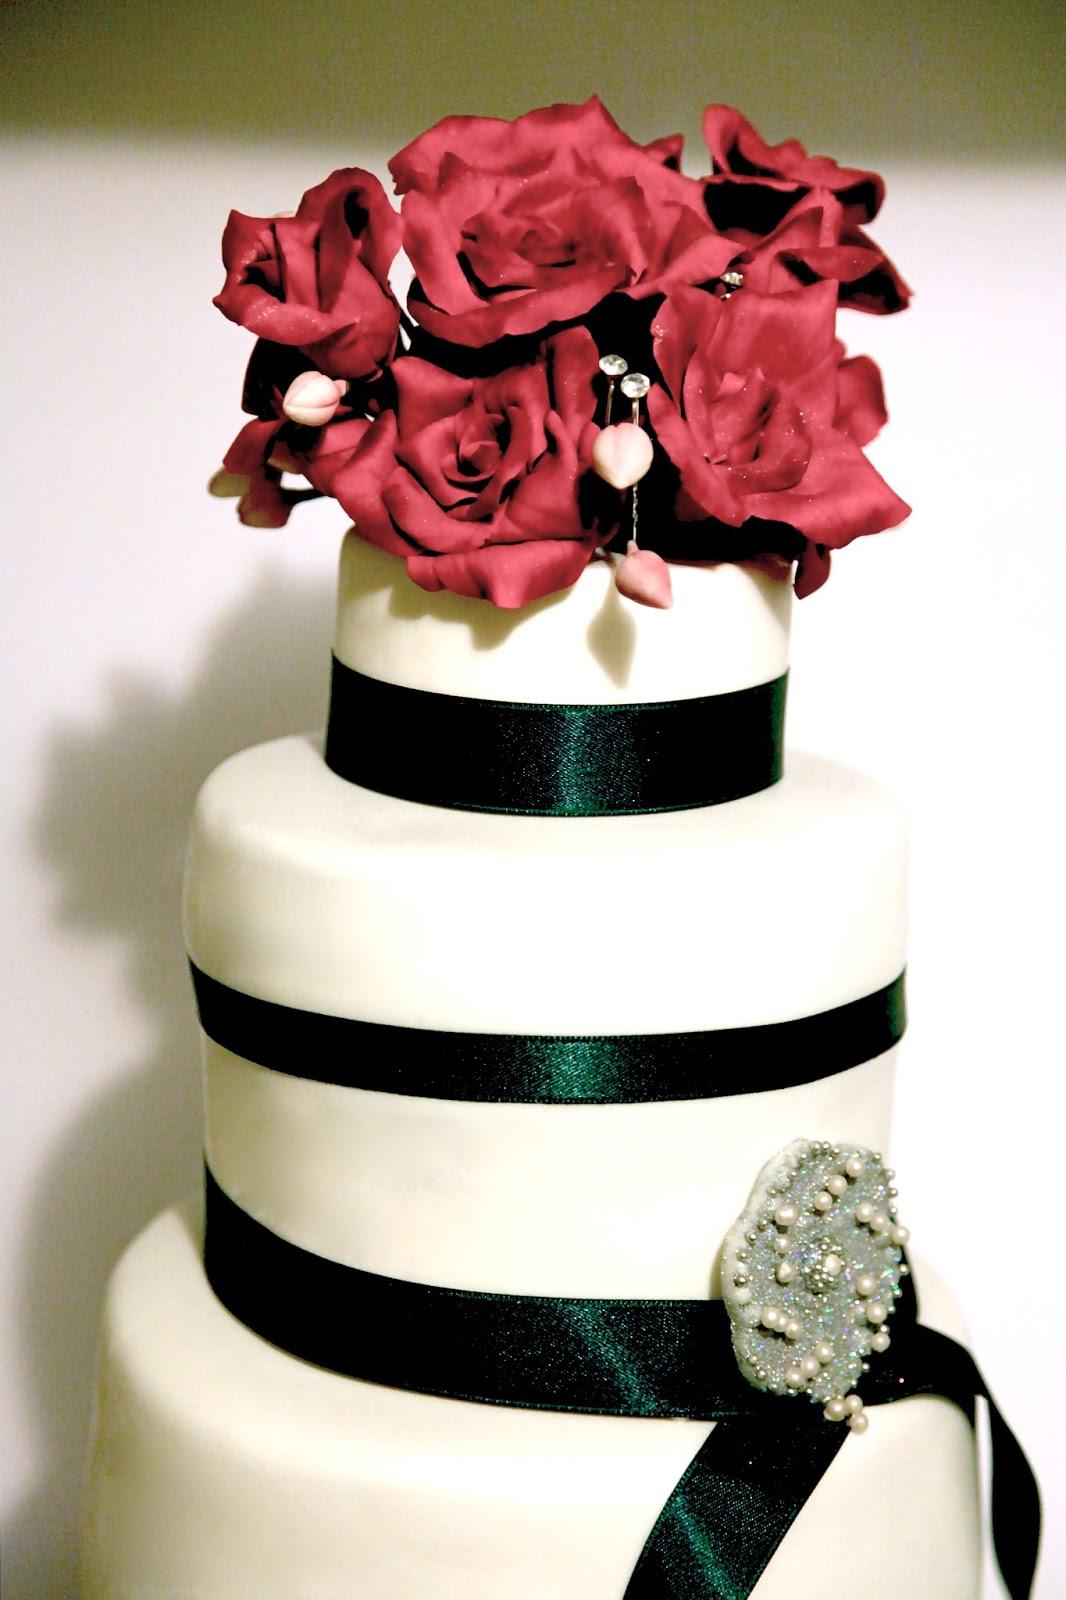 Torta Con Rose Rosse Di Zucchero Per Un Compleanno Speciale 50 Anni